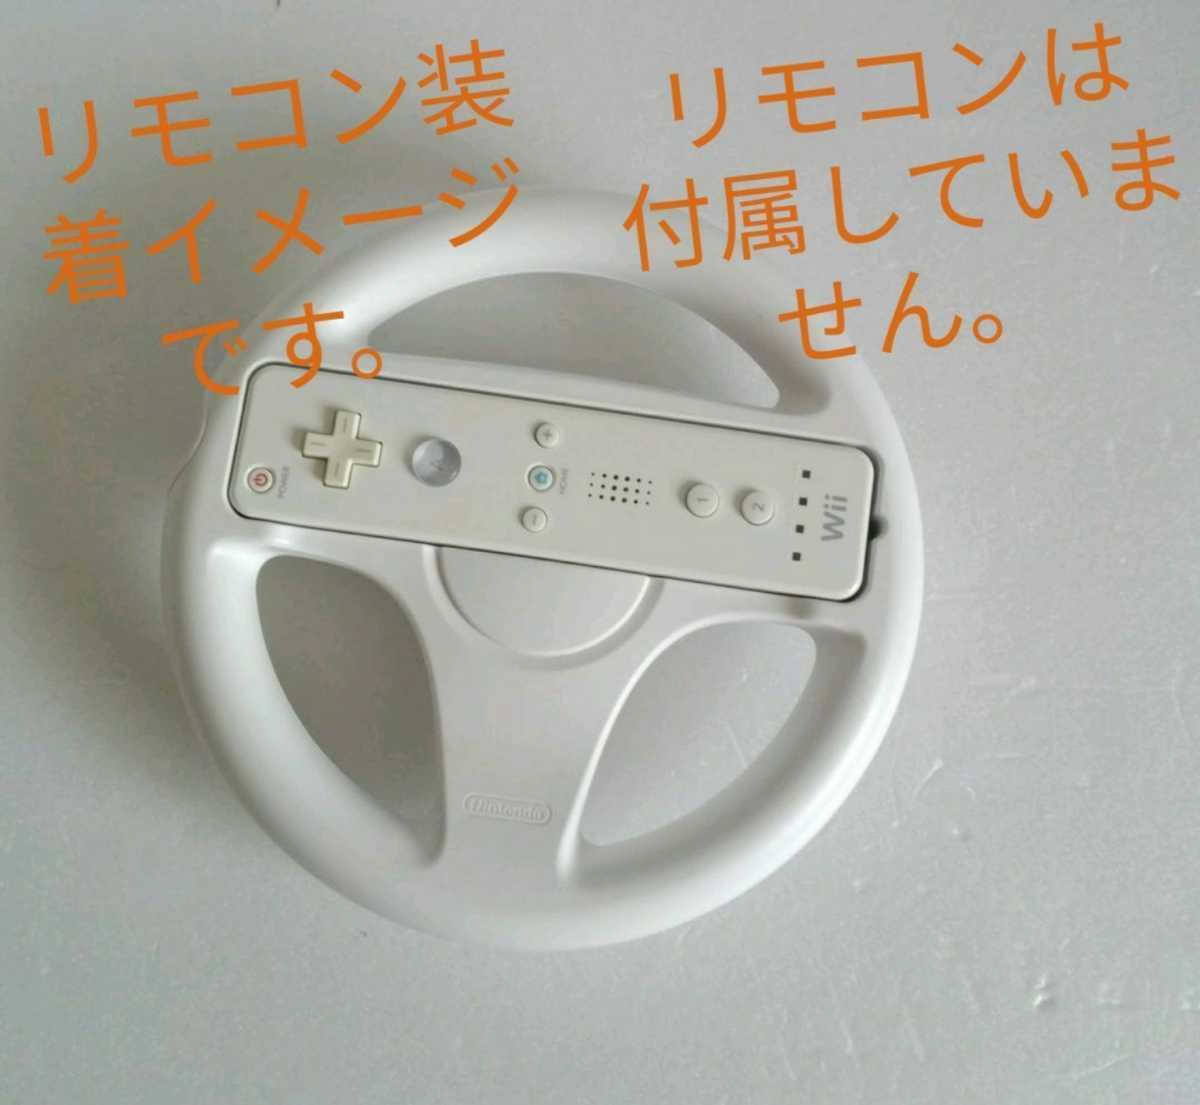 マリオカートwii/wiiu8対応 ハンドル4個セット♪ wiiリモコン対応